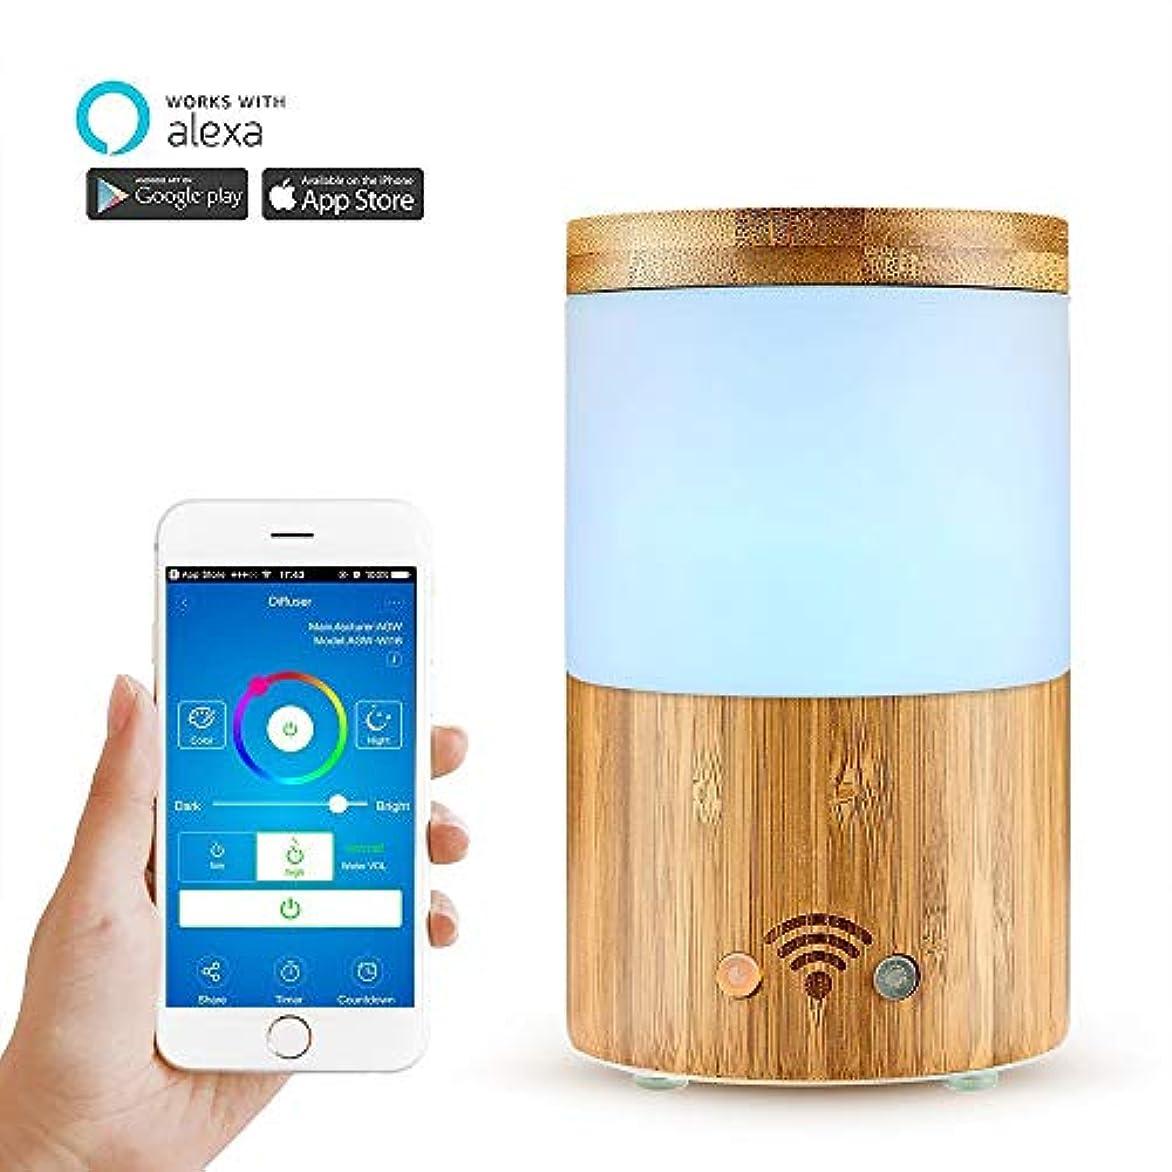 微生物抹消男らしさWifiワイヤレスアロマエッセンシャルオイルディフューザー、電話アプリ、音声コントロール-スケジュールの作成-160mlディフューザーと加湿器-LEDとタイマーの設定